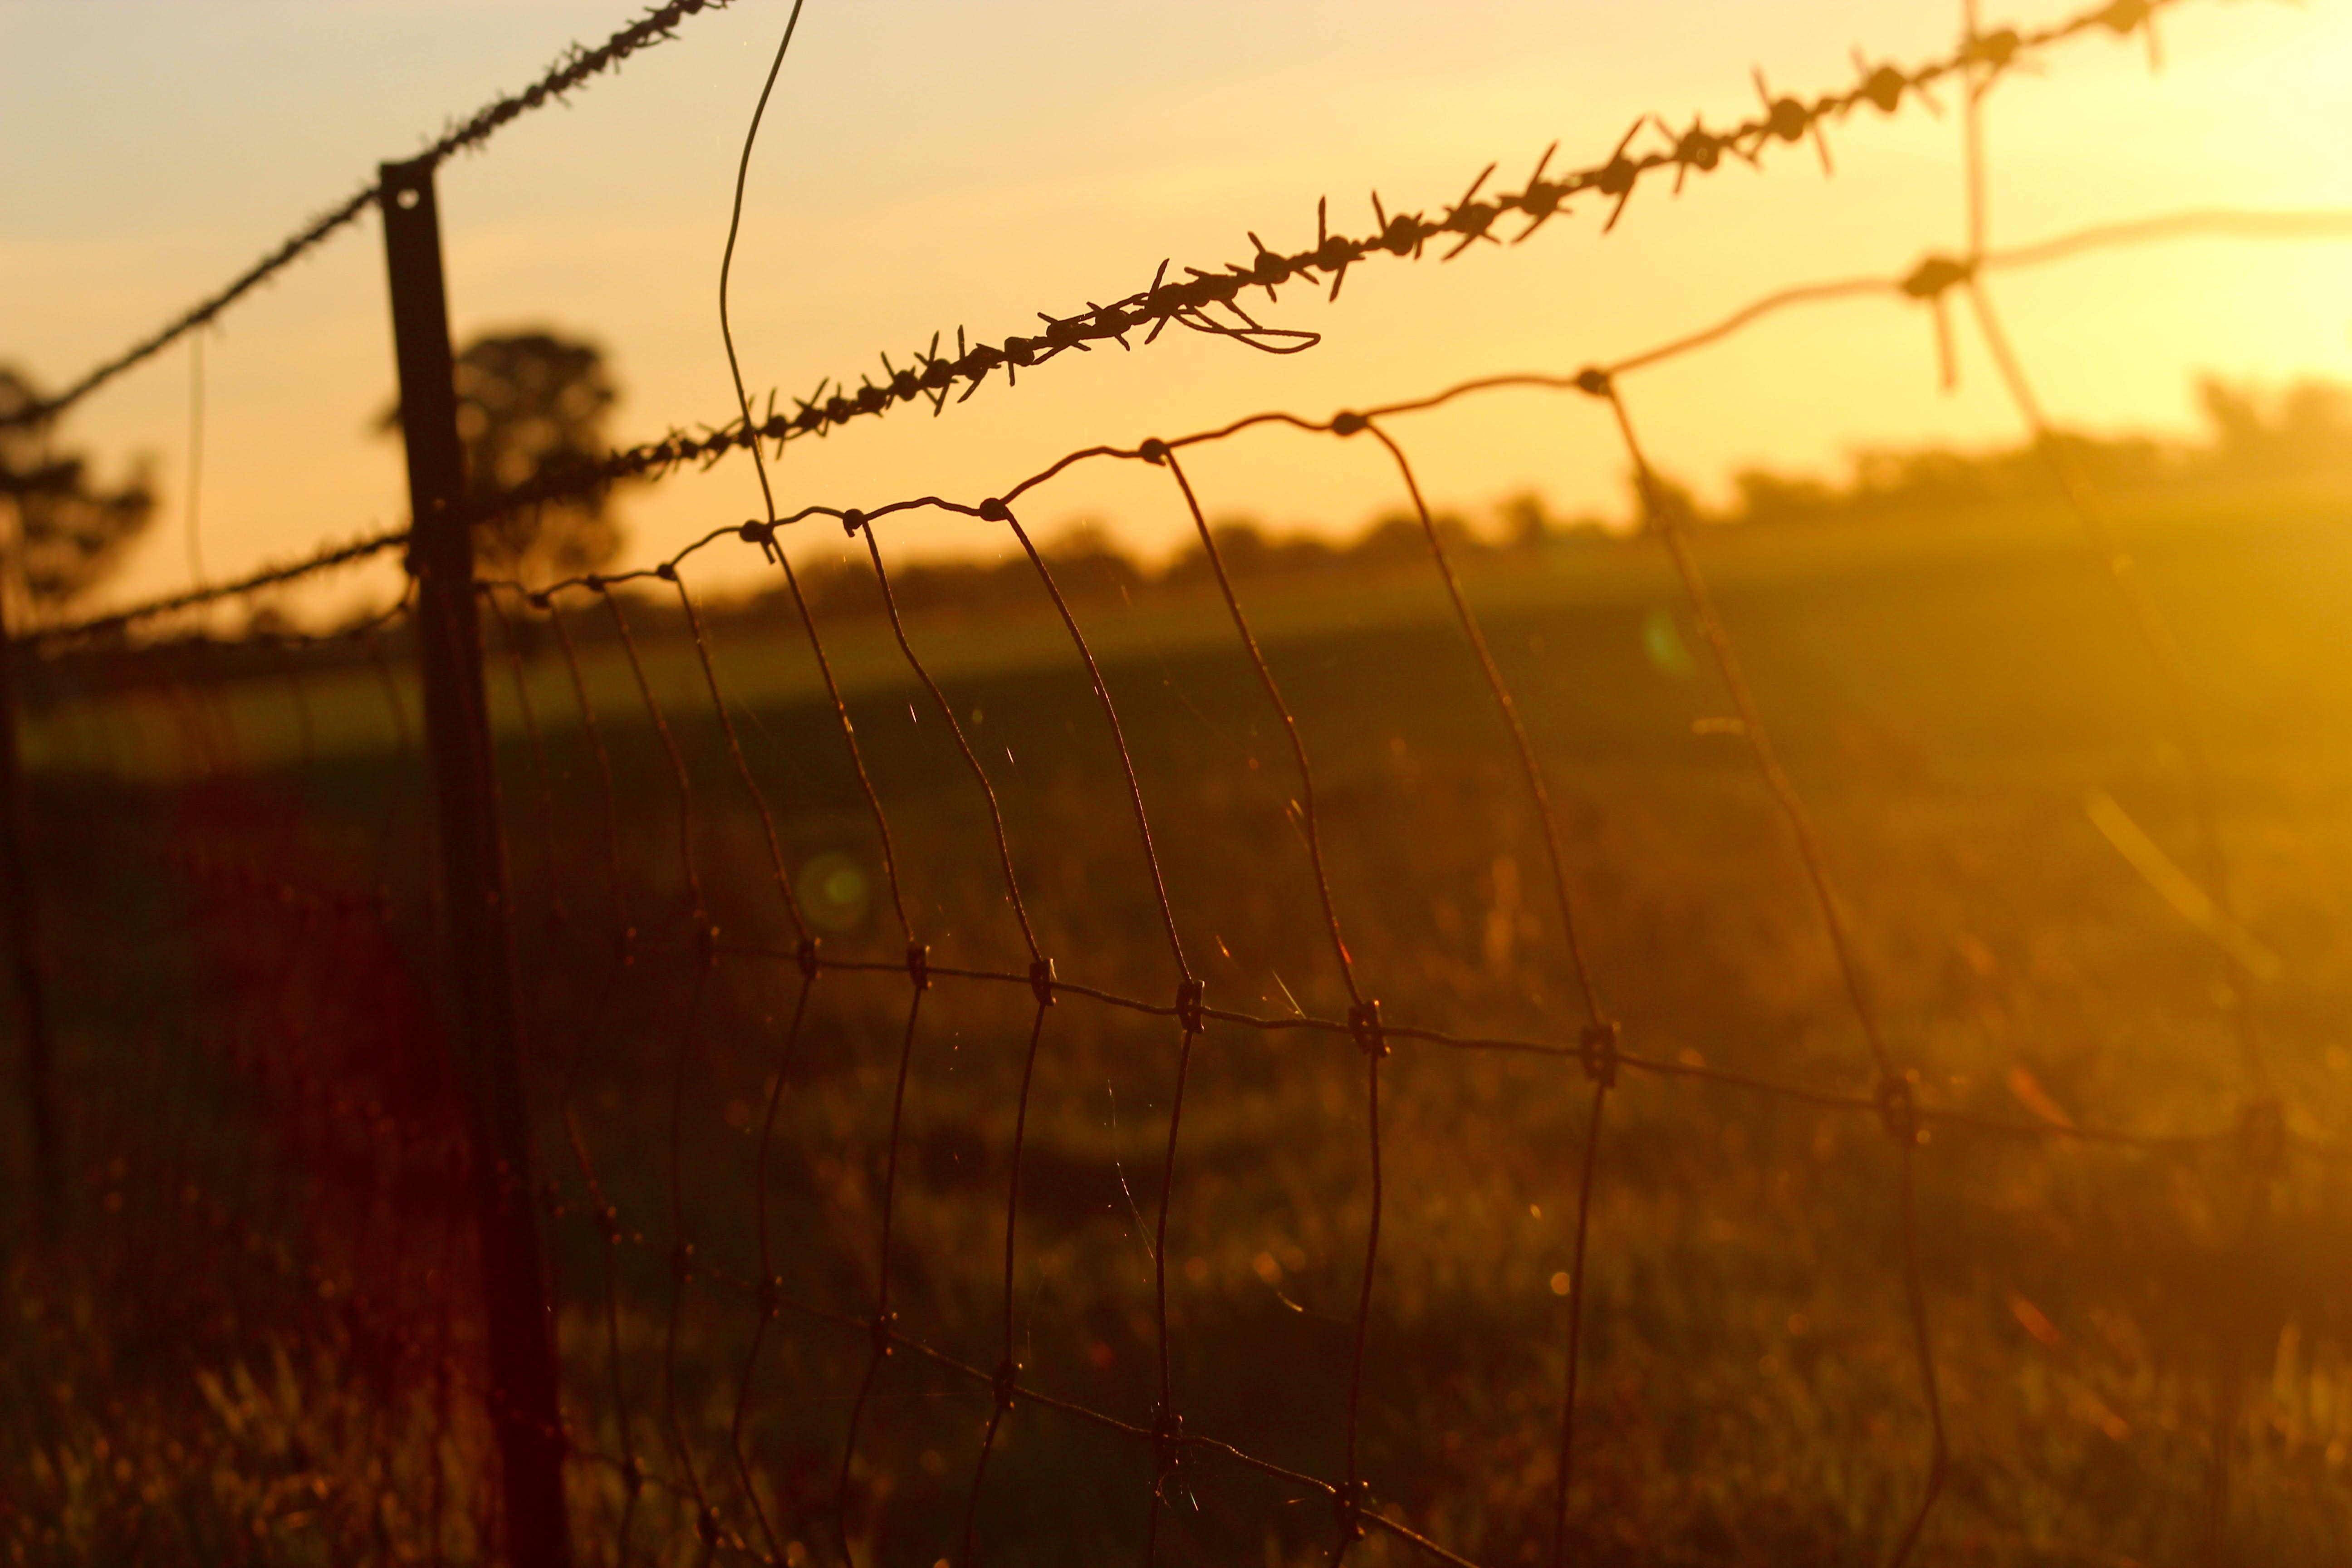 fægte, hegn, pigtråd